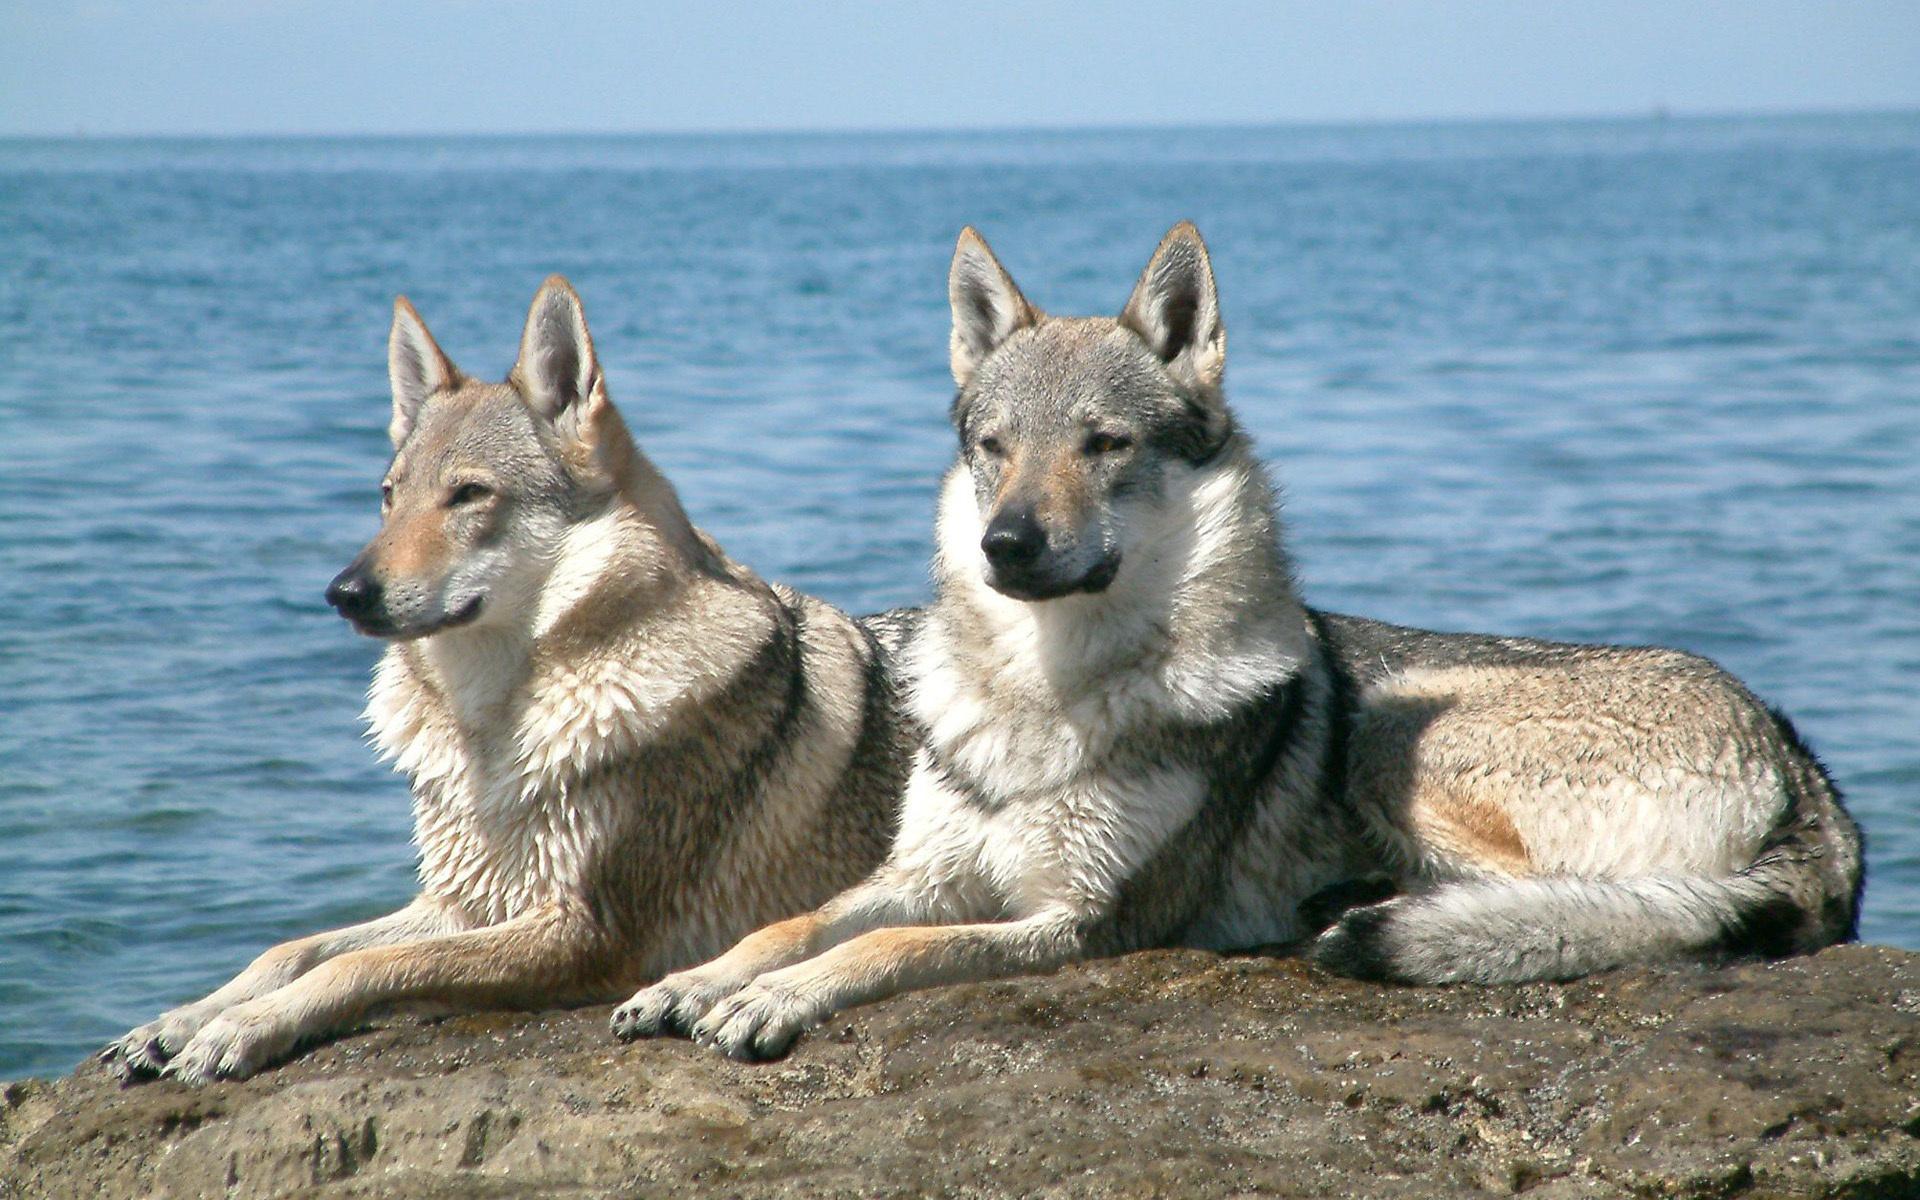 волк и море картинки камчатке это